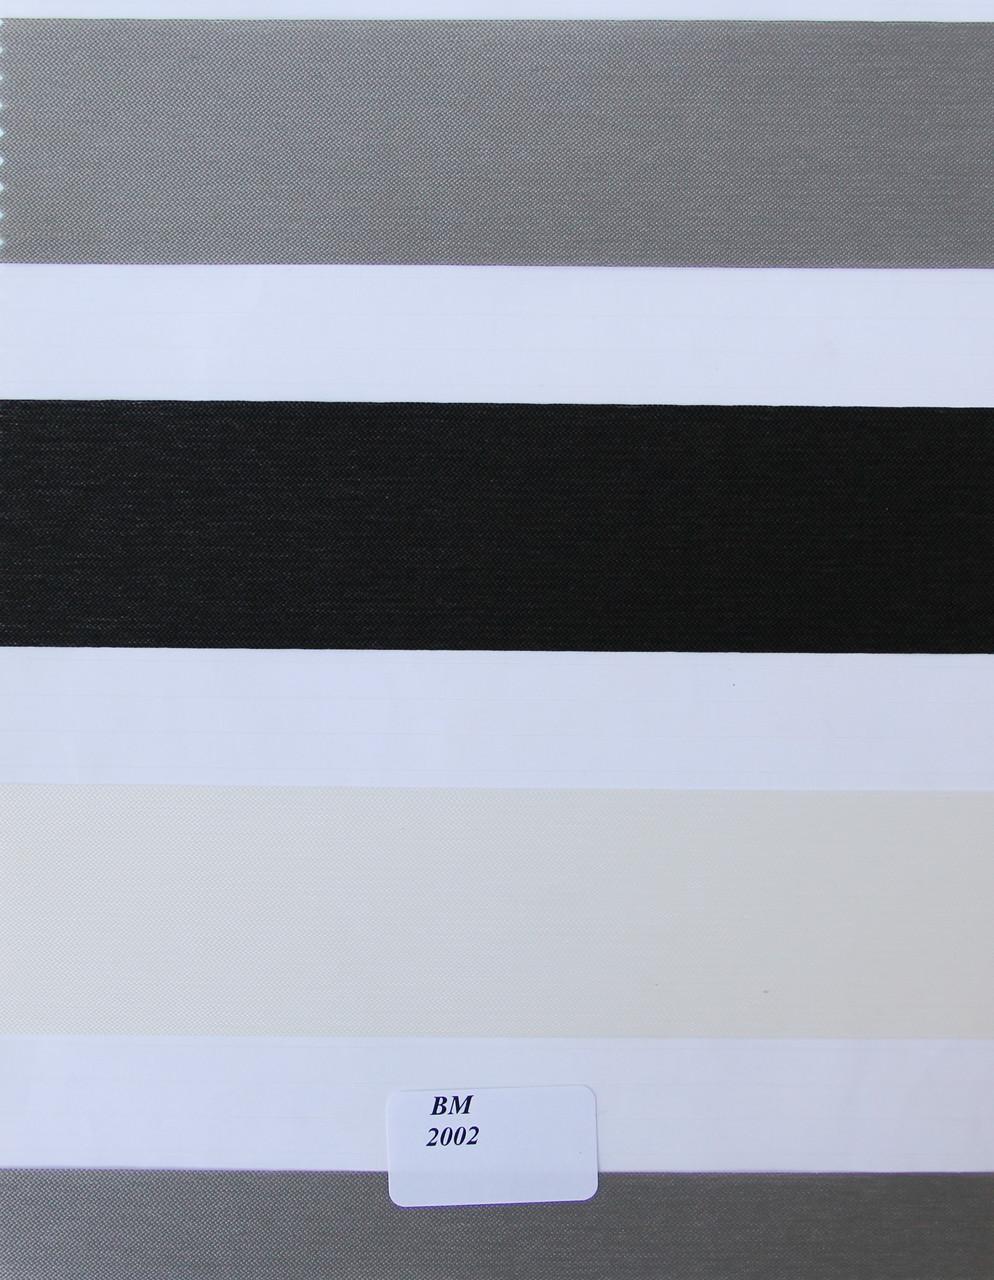 Рулонные шторы День-Ночь Ткань Лаура ВМ 2002 Чёрно-серо-белый